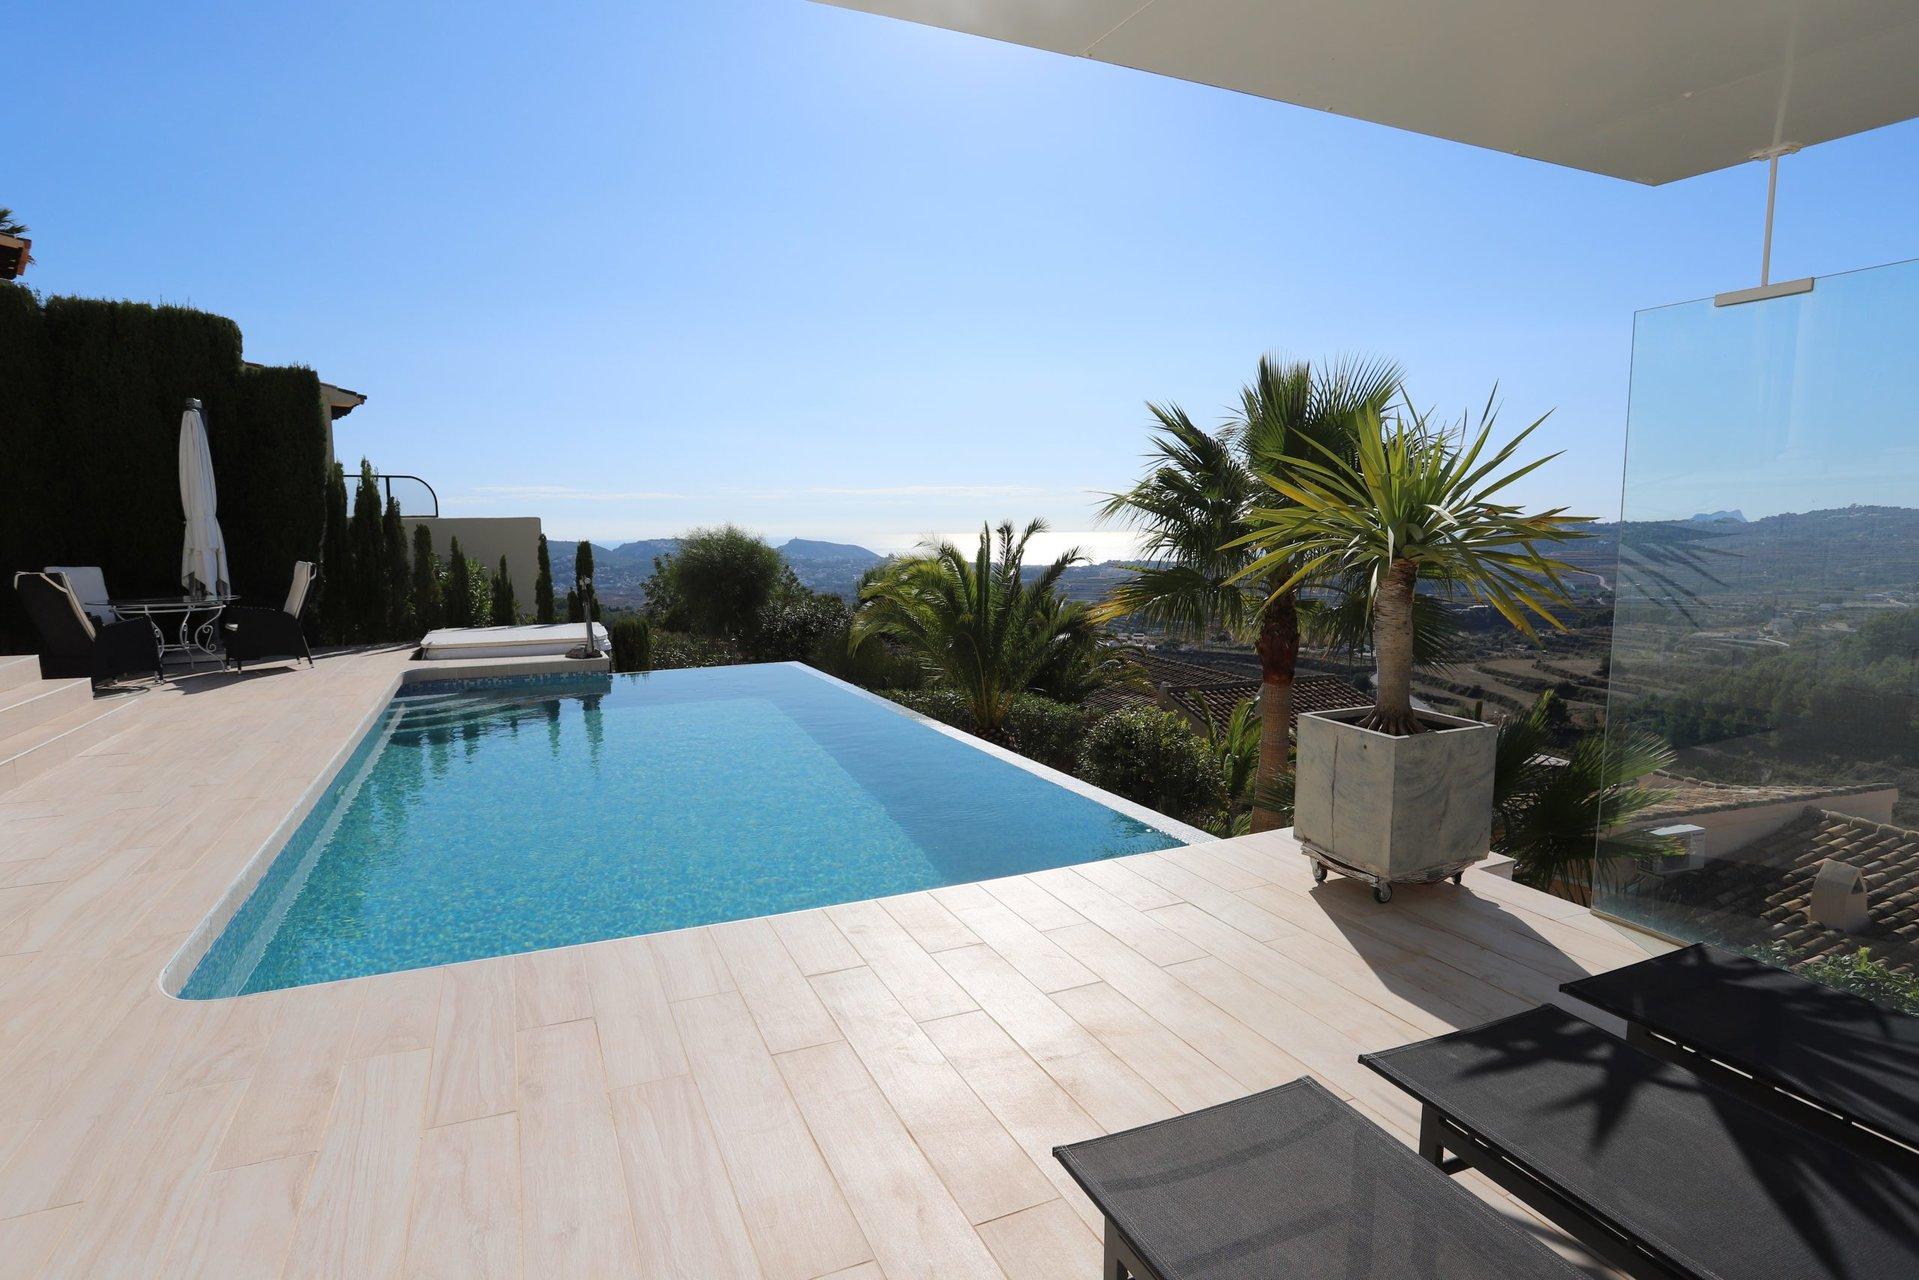 Villa con fantásticas vistas al mar abierto